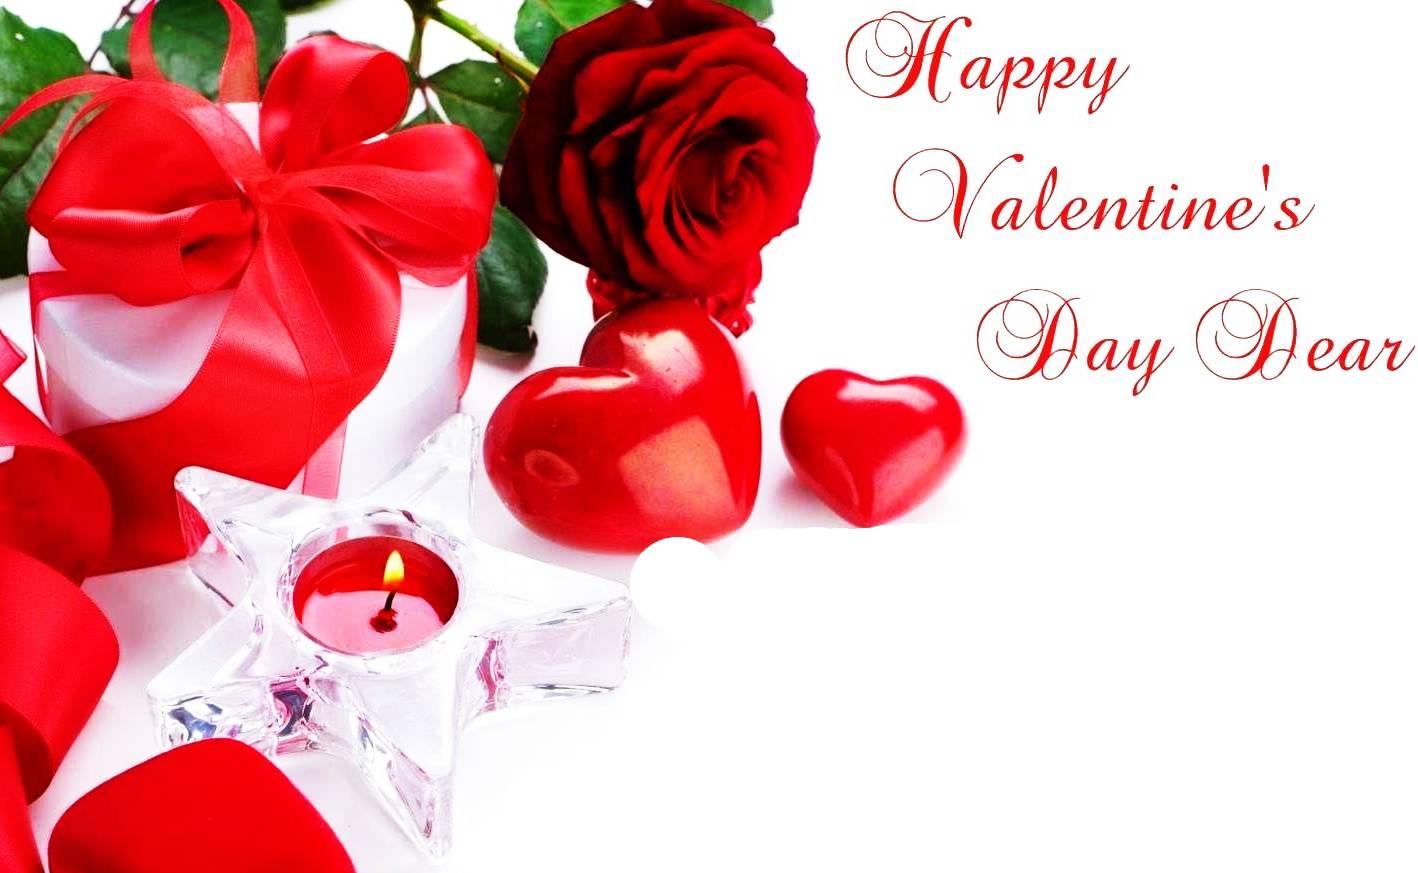 Happy valentines image 2021